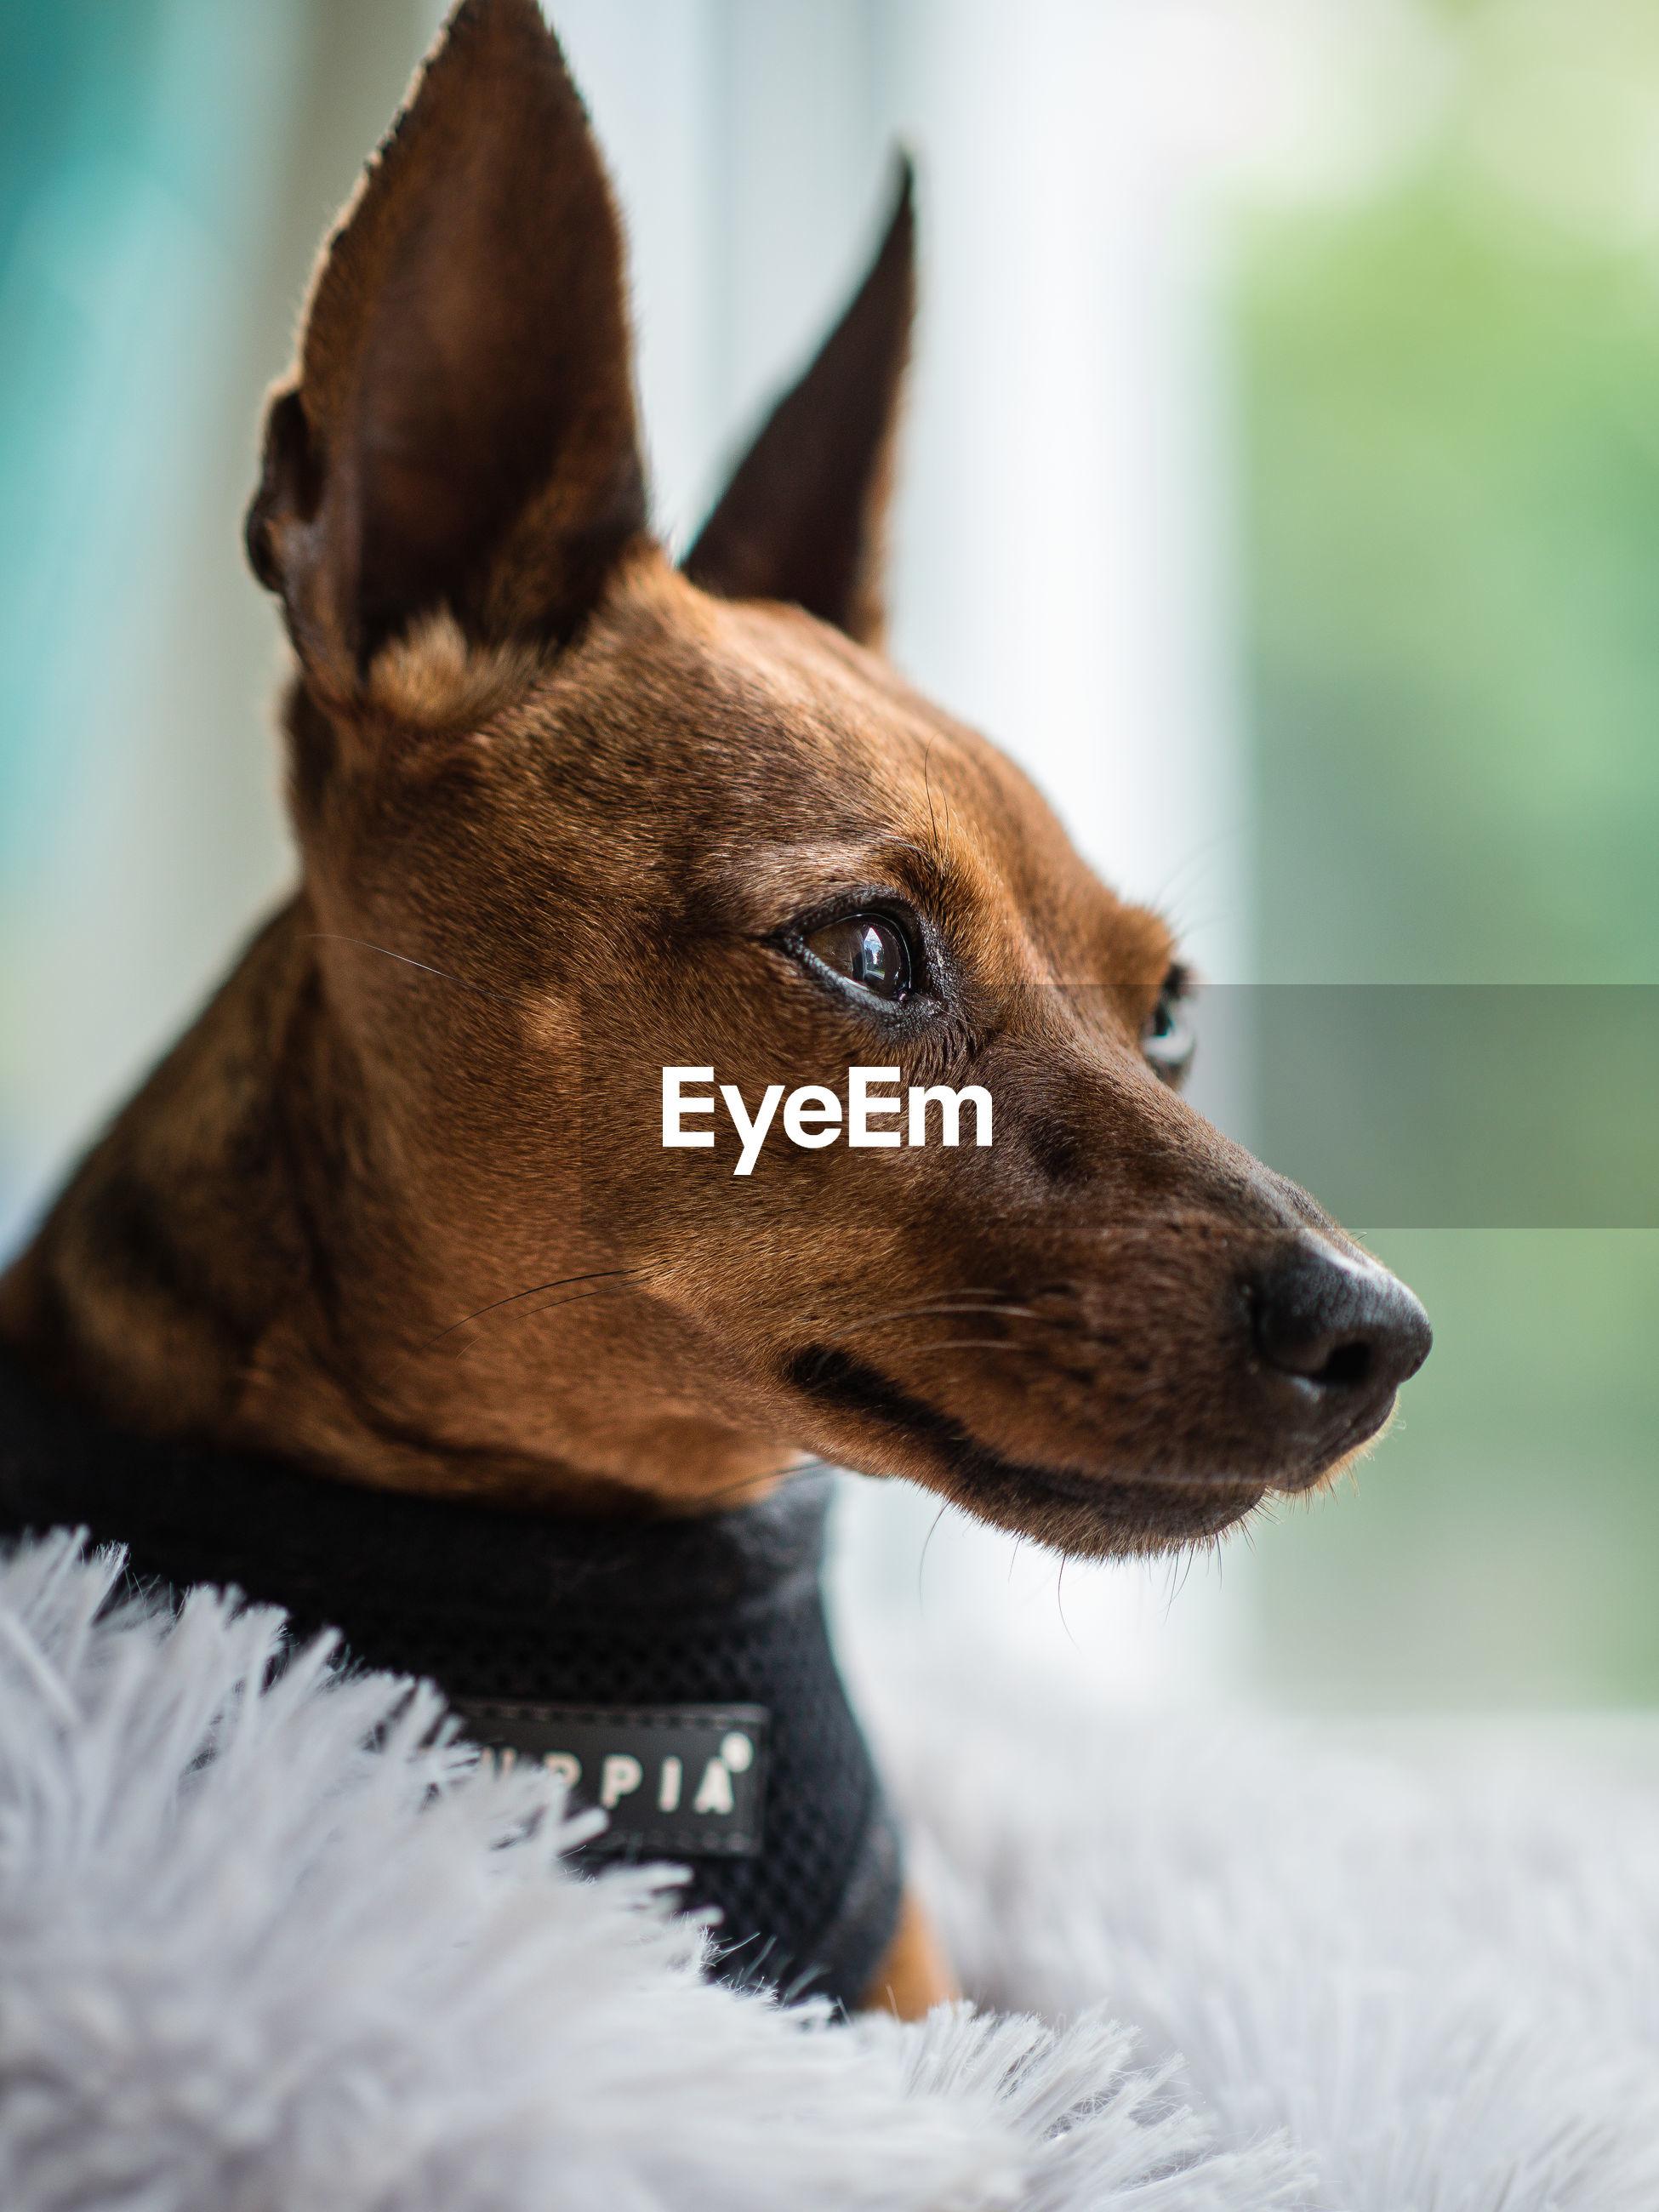 CLOSE-UP OF A DOG LOOKING AT CAMERA